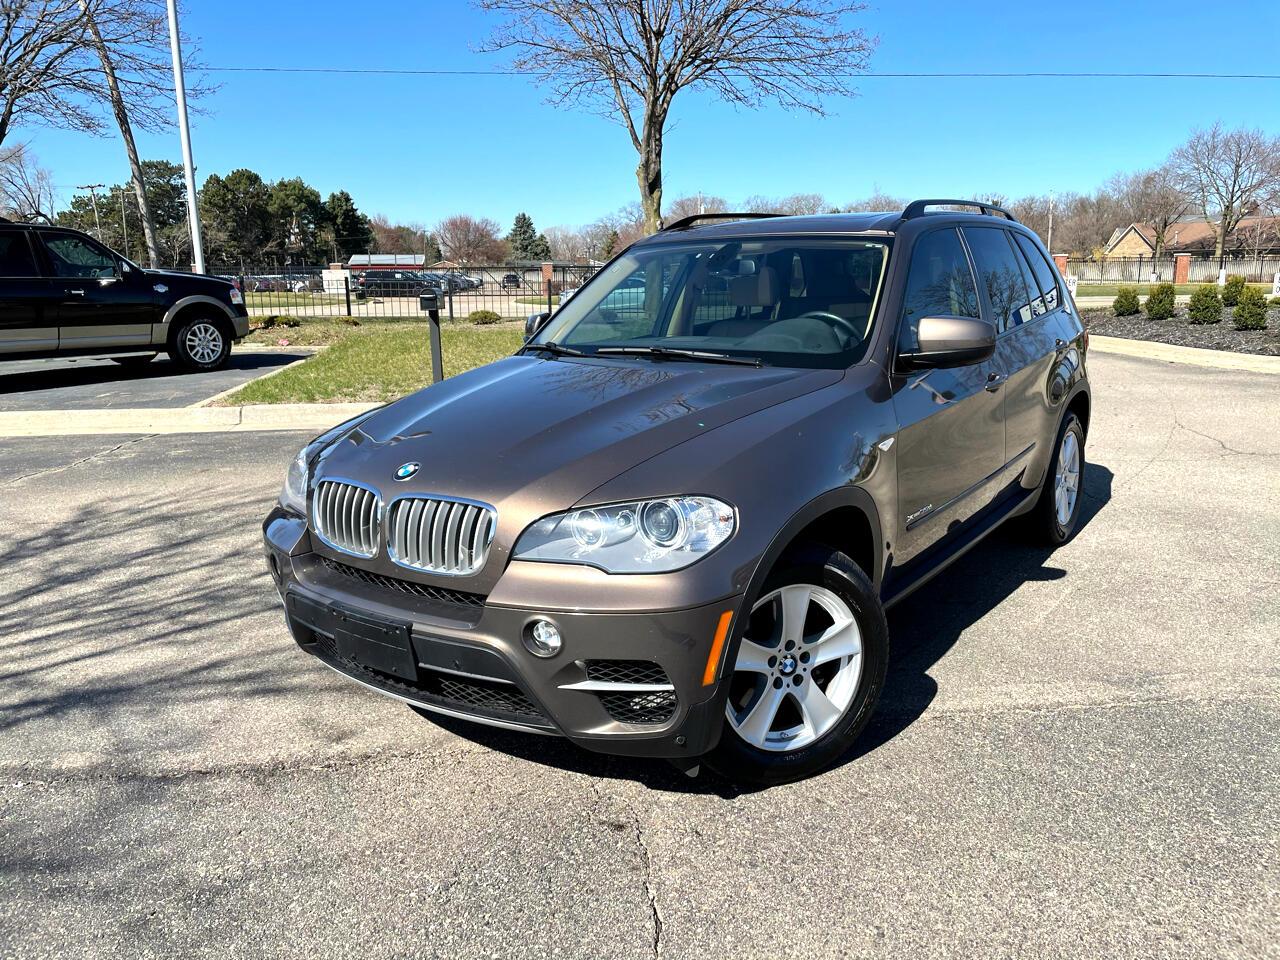 BMW X5 xDrive35d 2012